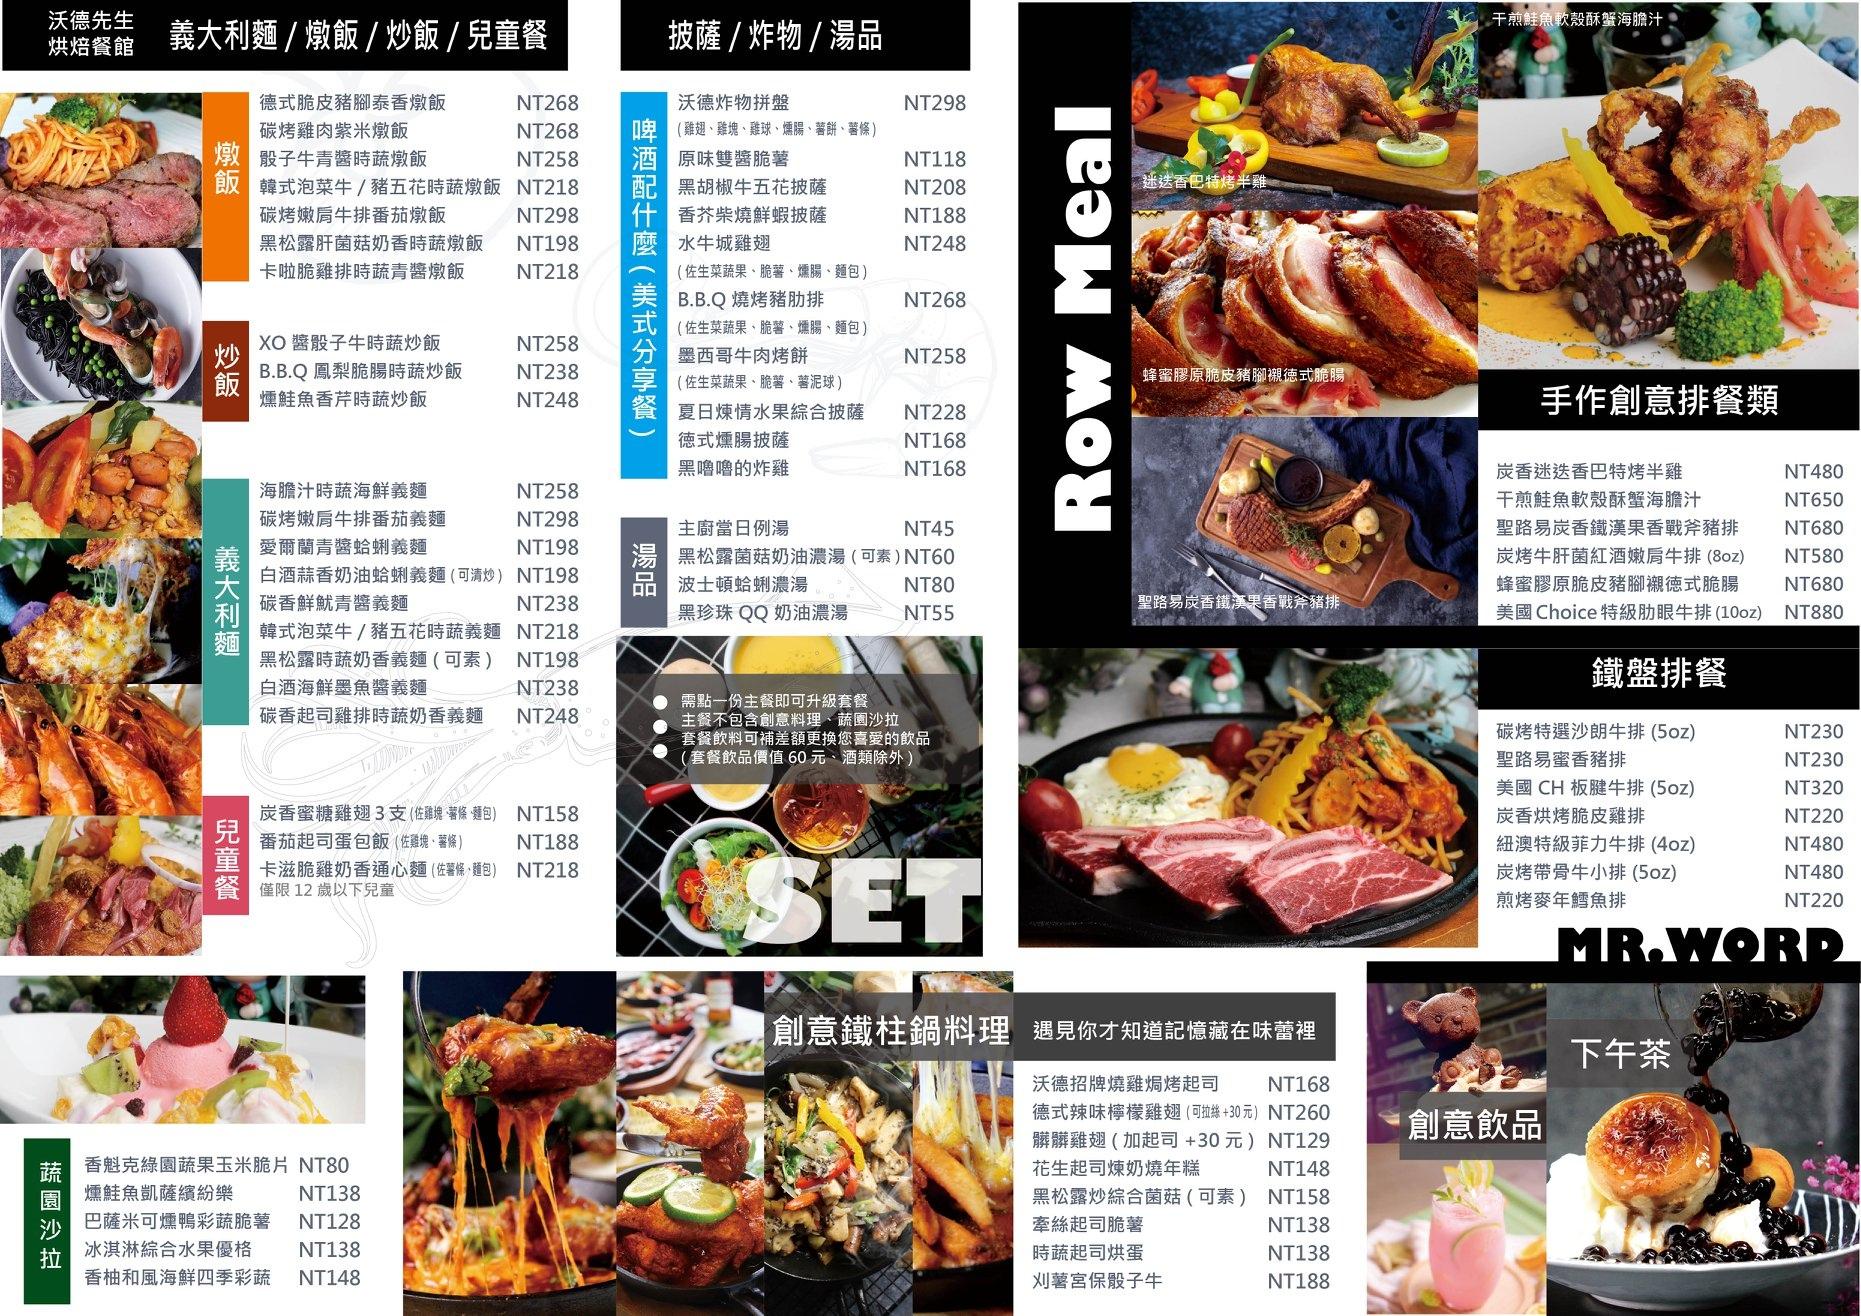 中壢-沃德先生烘焙餐館-menu